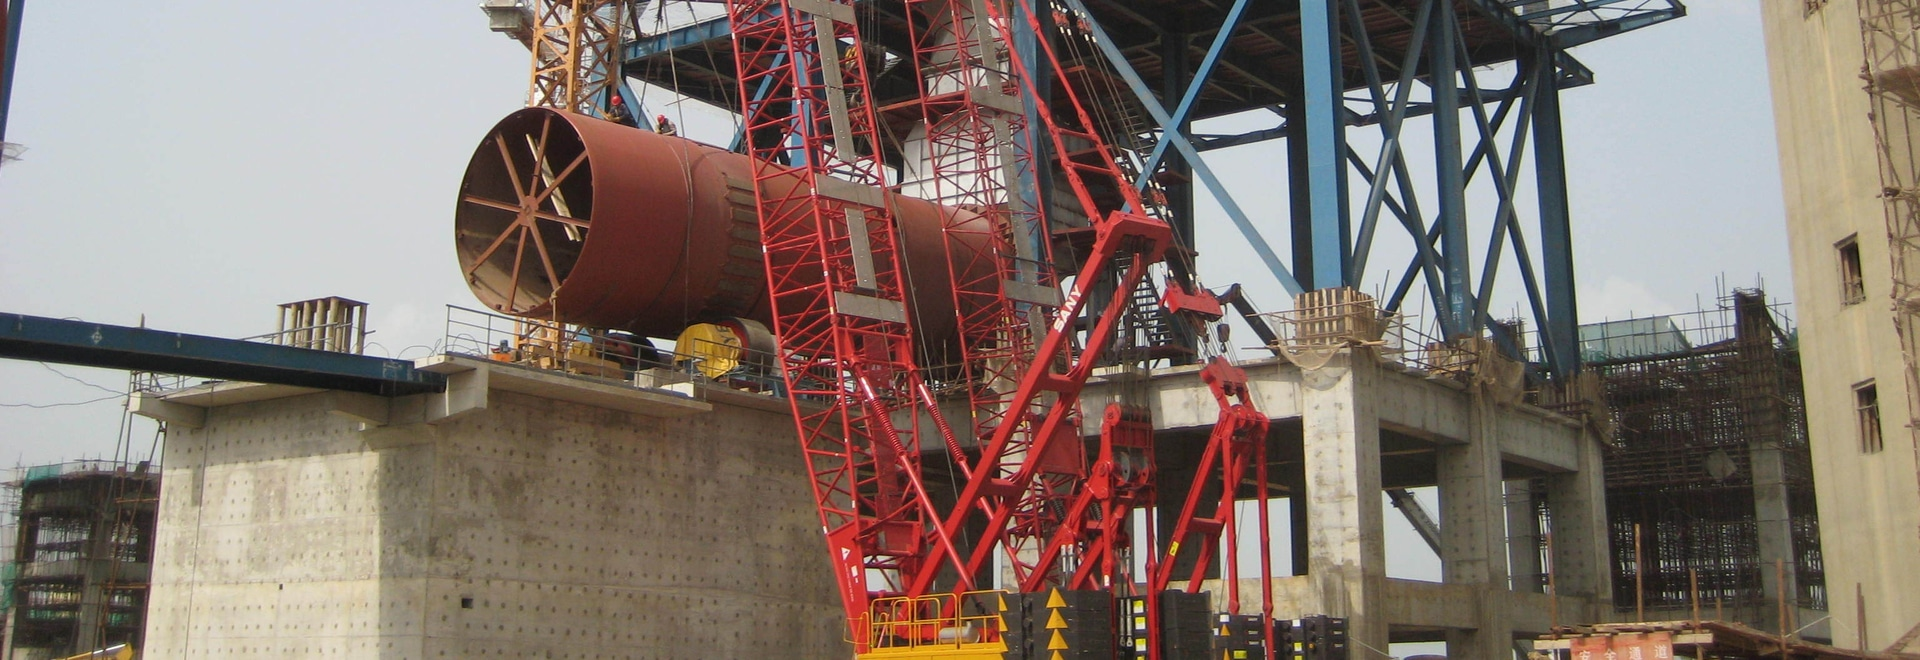 Grúas de correa eslabonada de SANY SCC500 50t que construyen la planta del cemento de Dangote de Nigeria